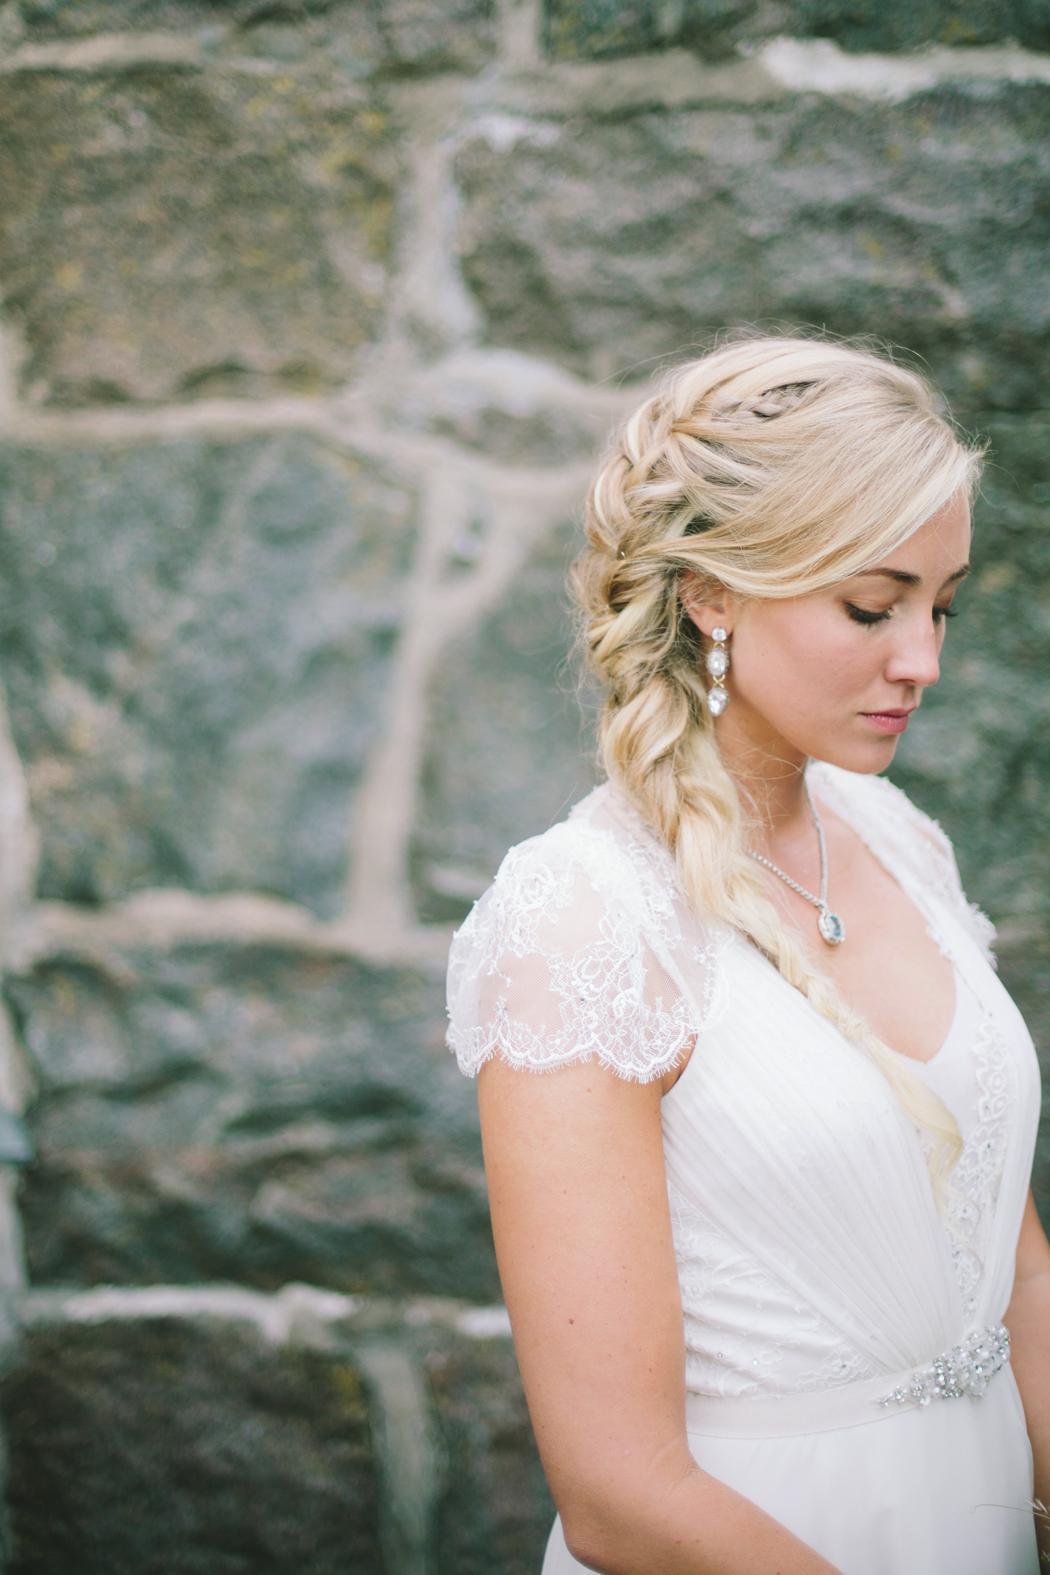 Škandinávska svadba - Obrázok č. 1